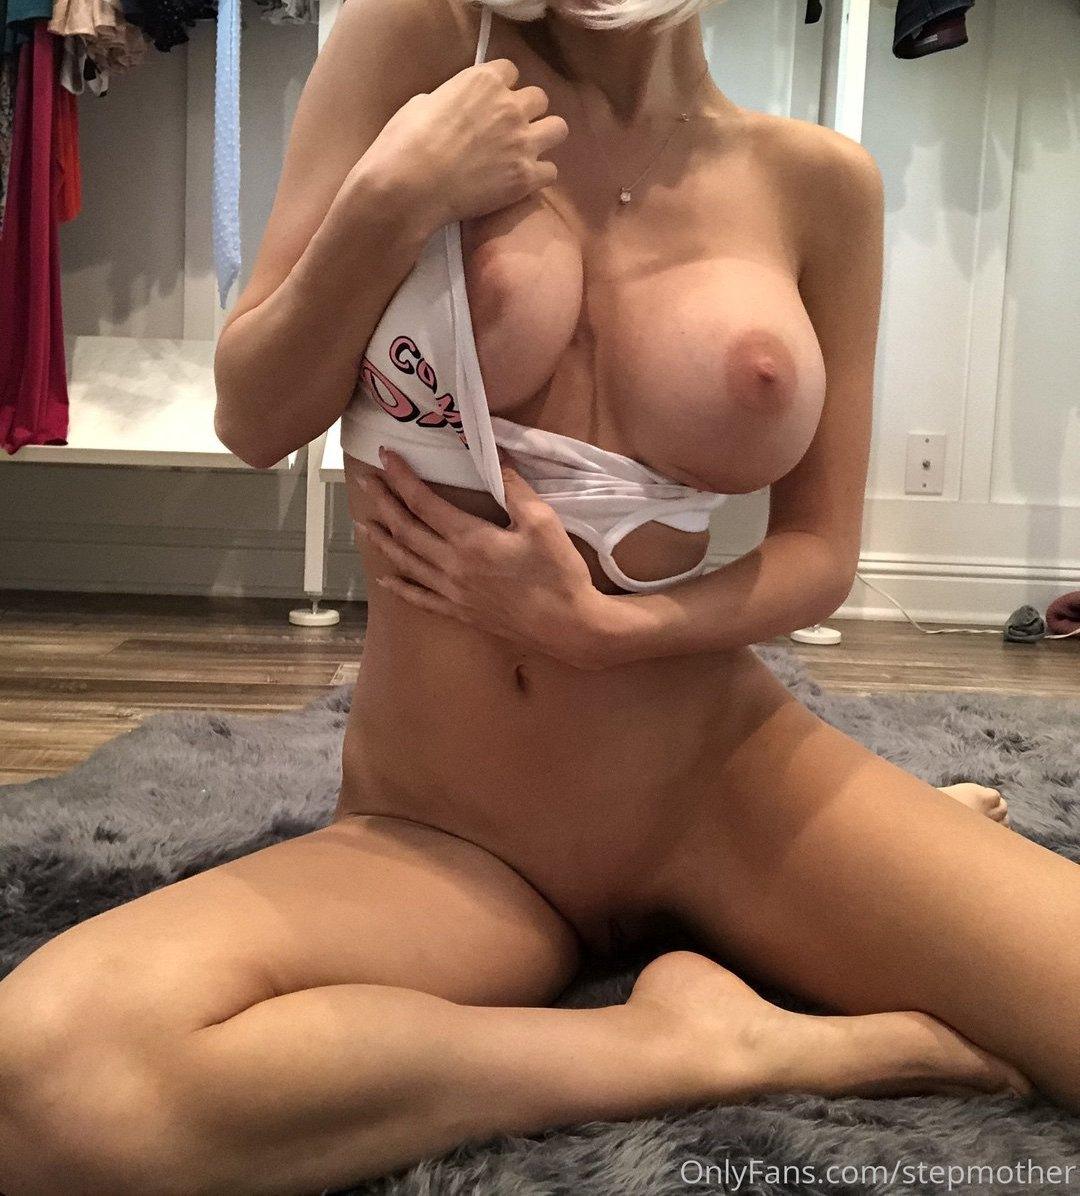 Zayla Skye Stepmother Onlyfans Nudes Leaks 0008